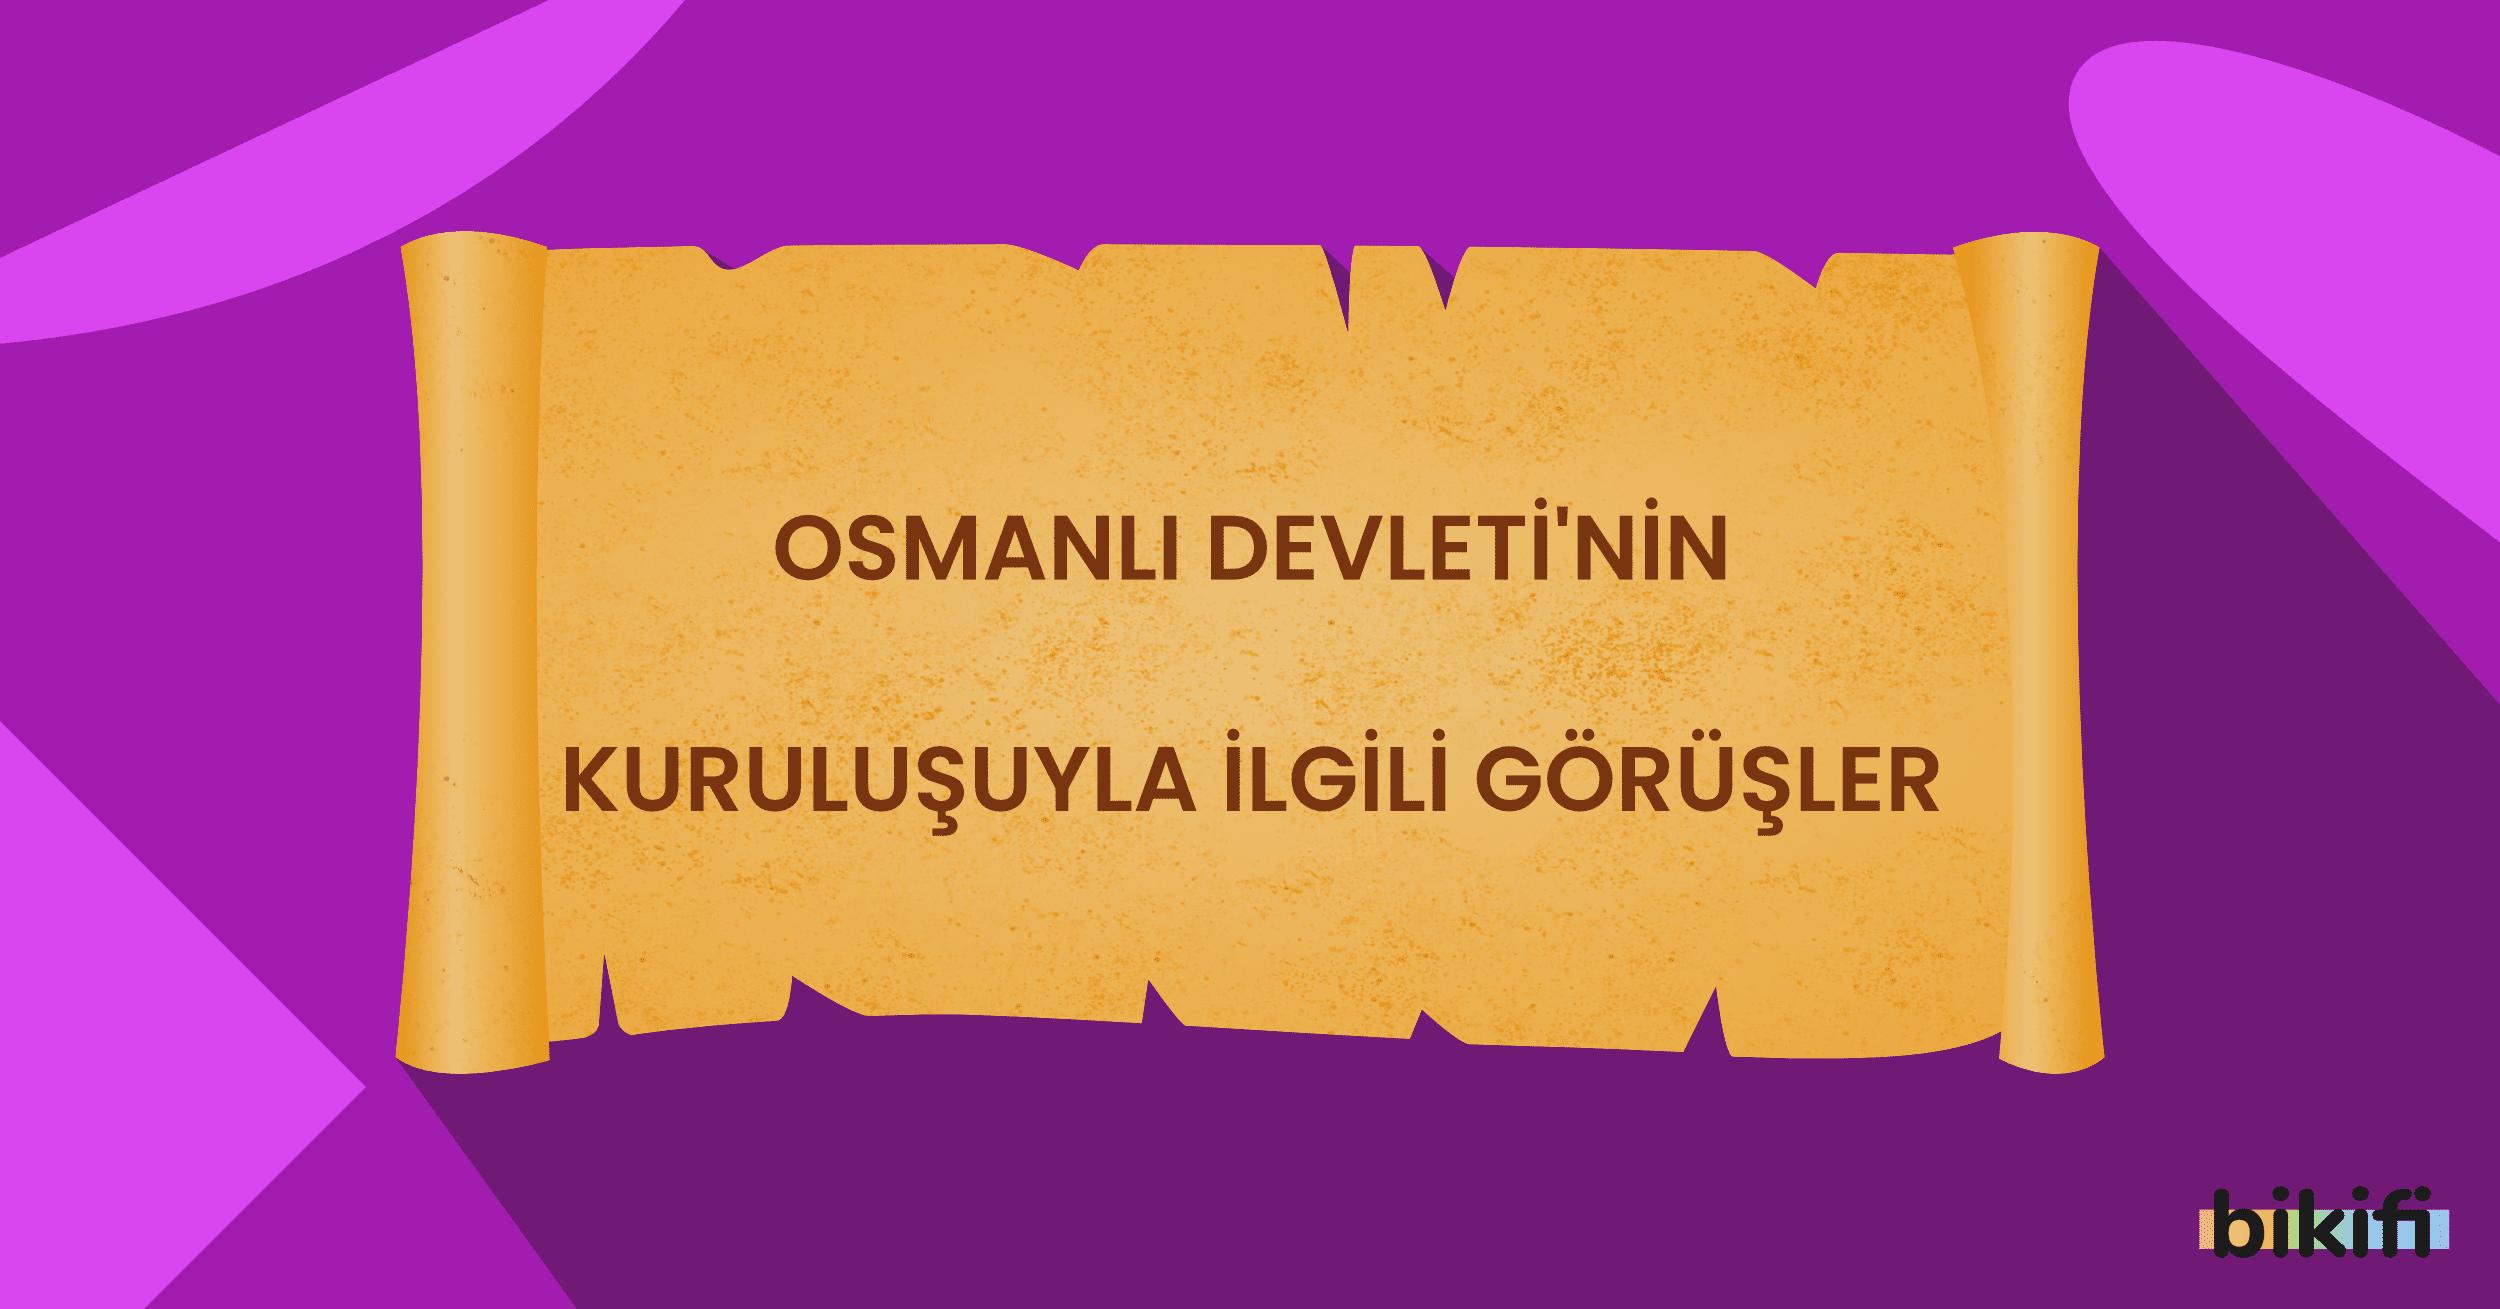 Osmanlı Devletinin Kuruluşuyla İlgili Görüşler